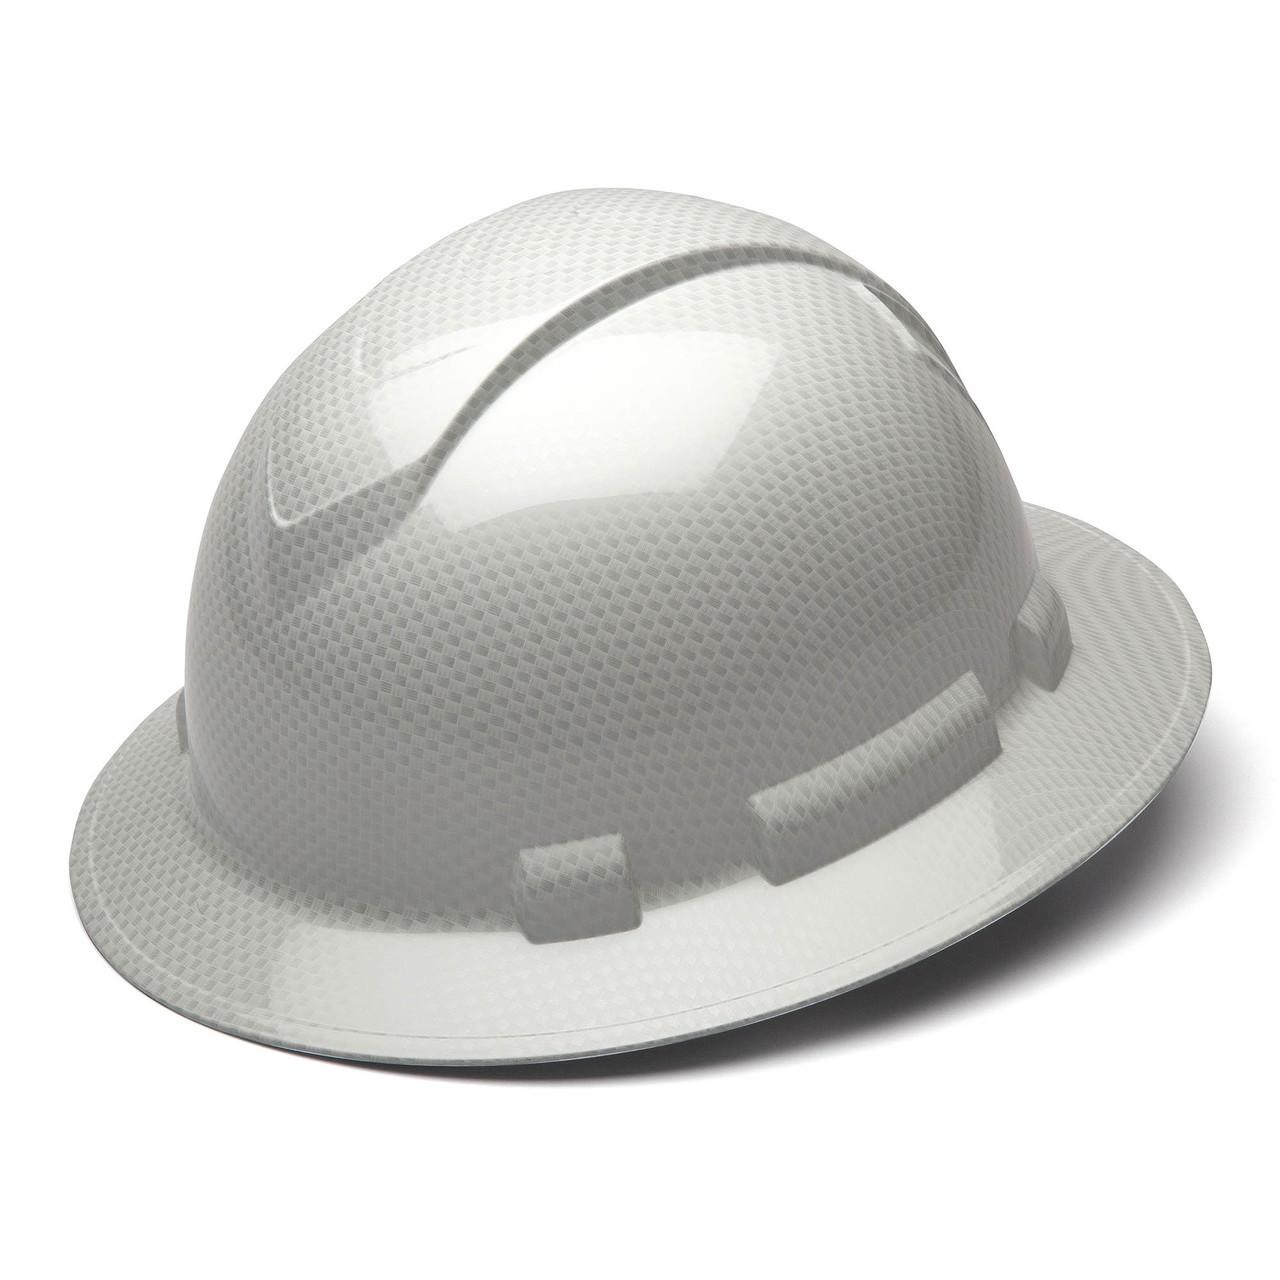 Hard Hat, SHINY, White Ridgeline